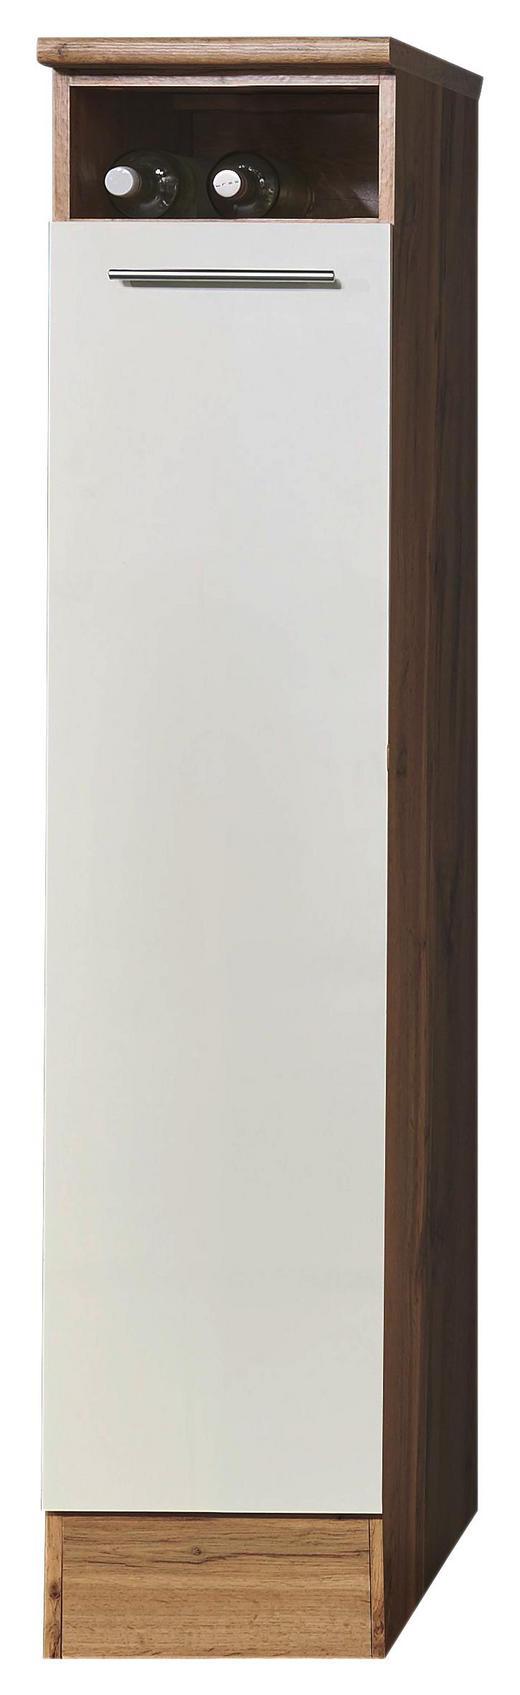 APOTHEKERSCHRANK - Eichefarben/Silberfarben, KONVENTIONELL, Holzwerkstoff/Metall (30/158/60cm) - Xora